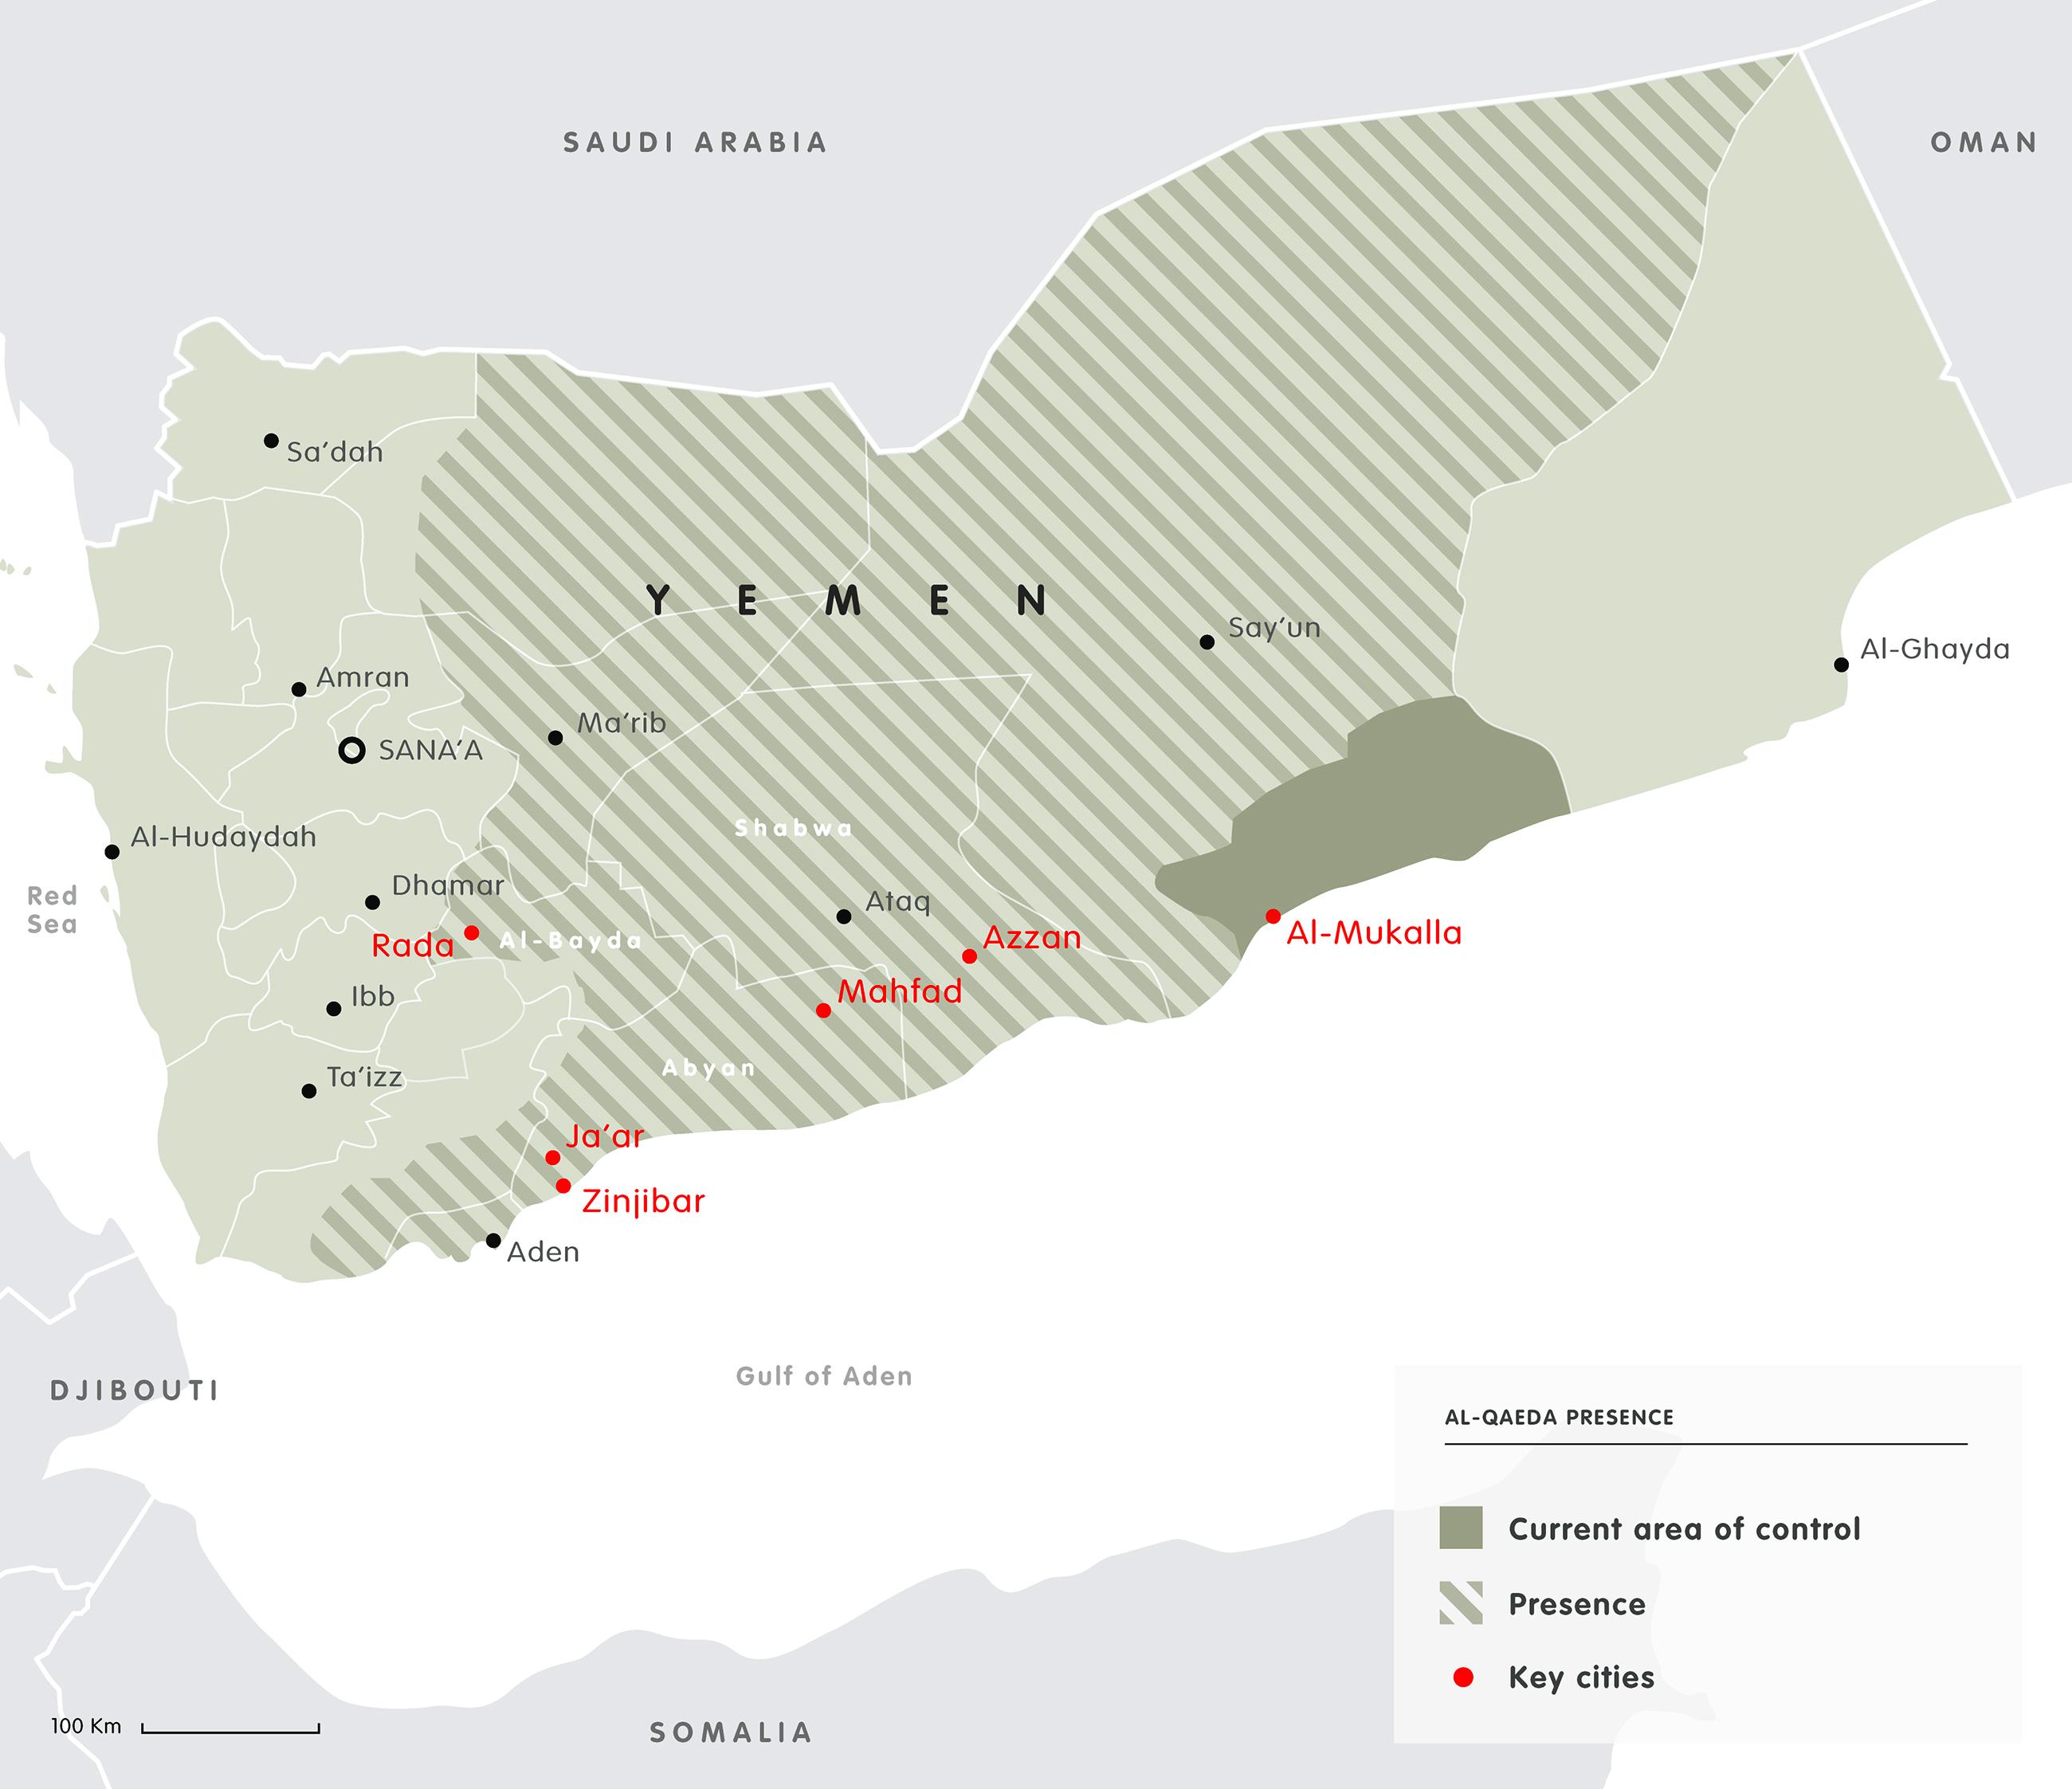 map al-qaeda